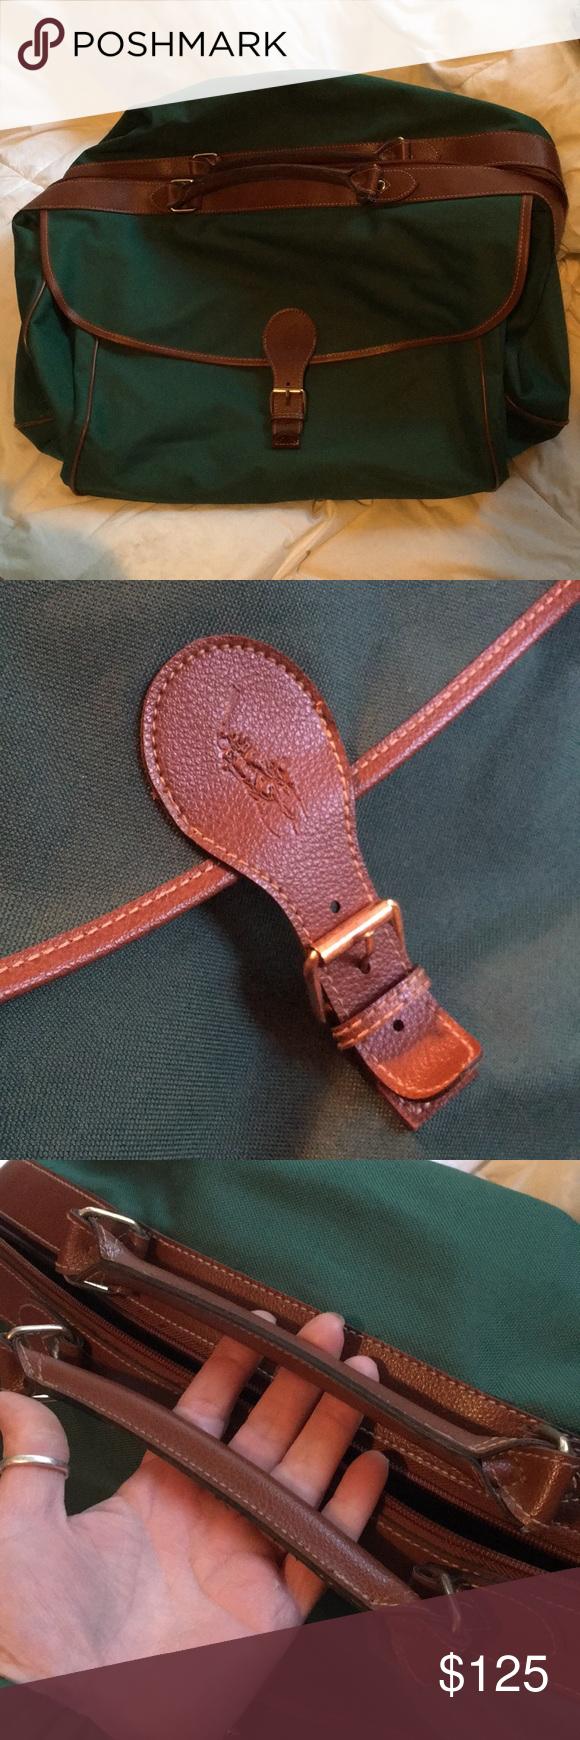 3c3e5681d60e Vintage Ralph Lauren Travel Bag Set w  Leather Almost New Vintage Ralph  Lauren Polo Travel